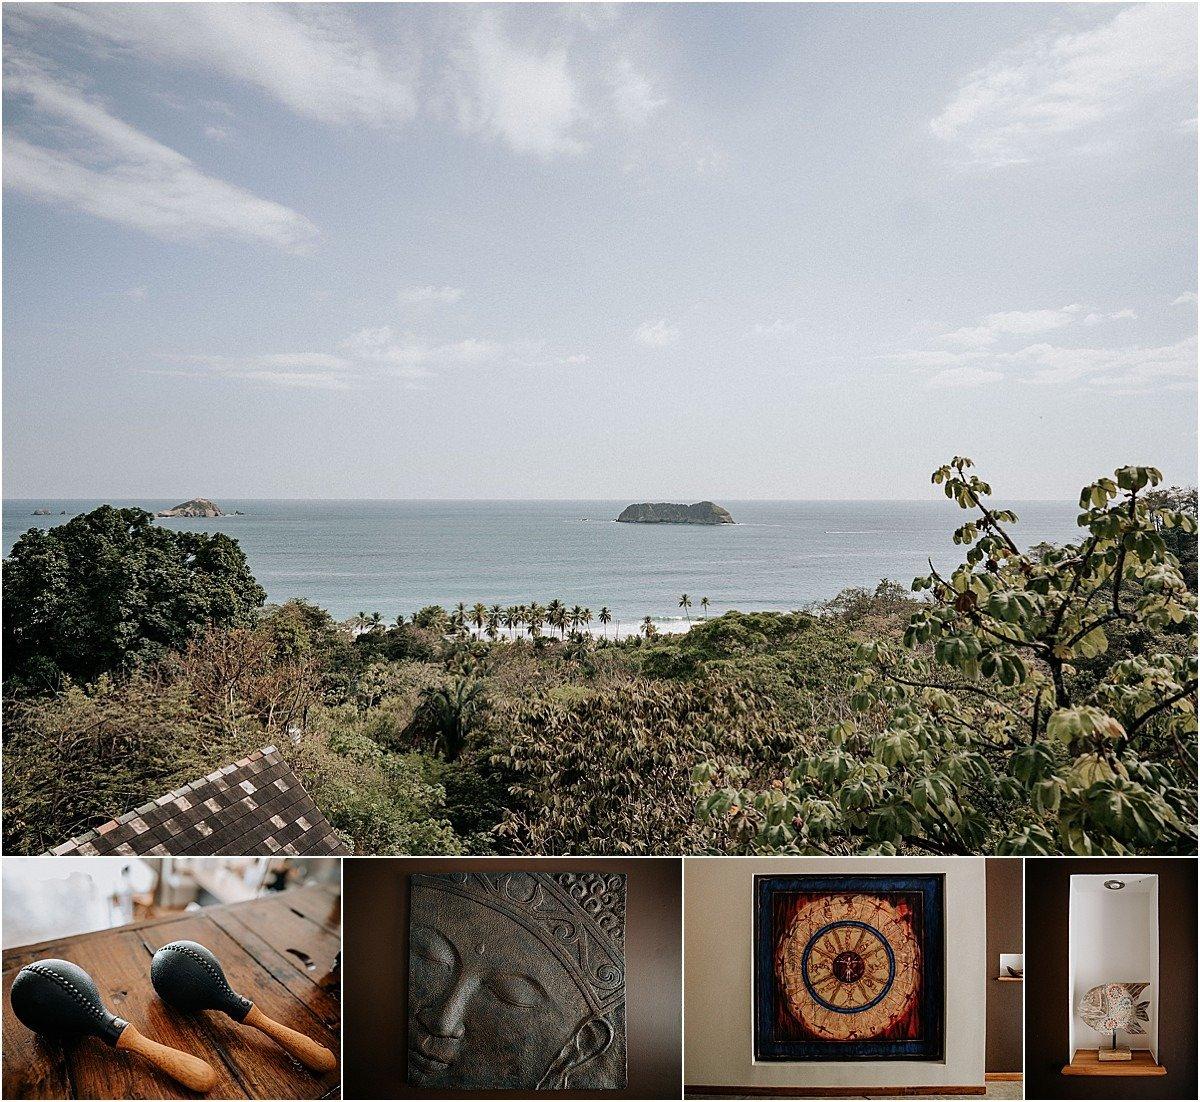 villa decor and view